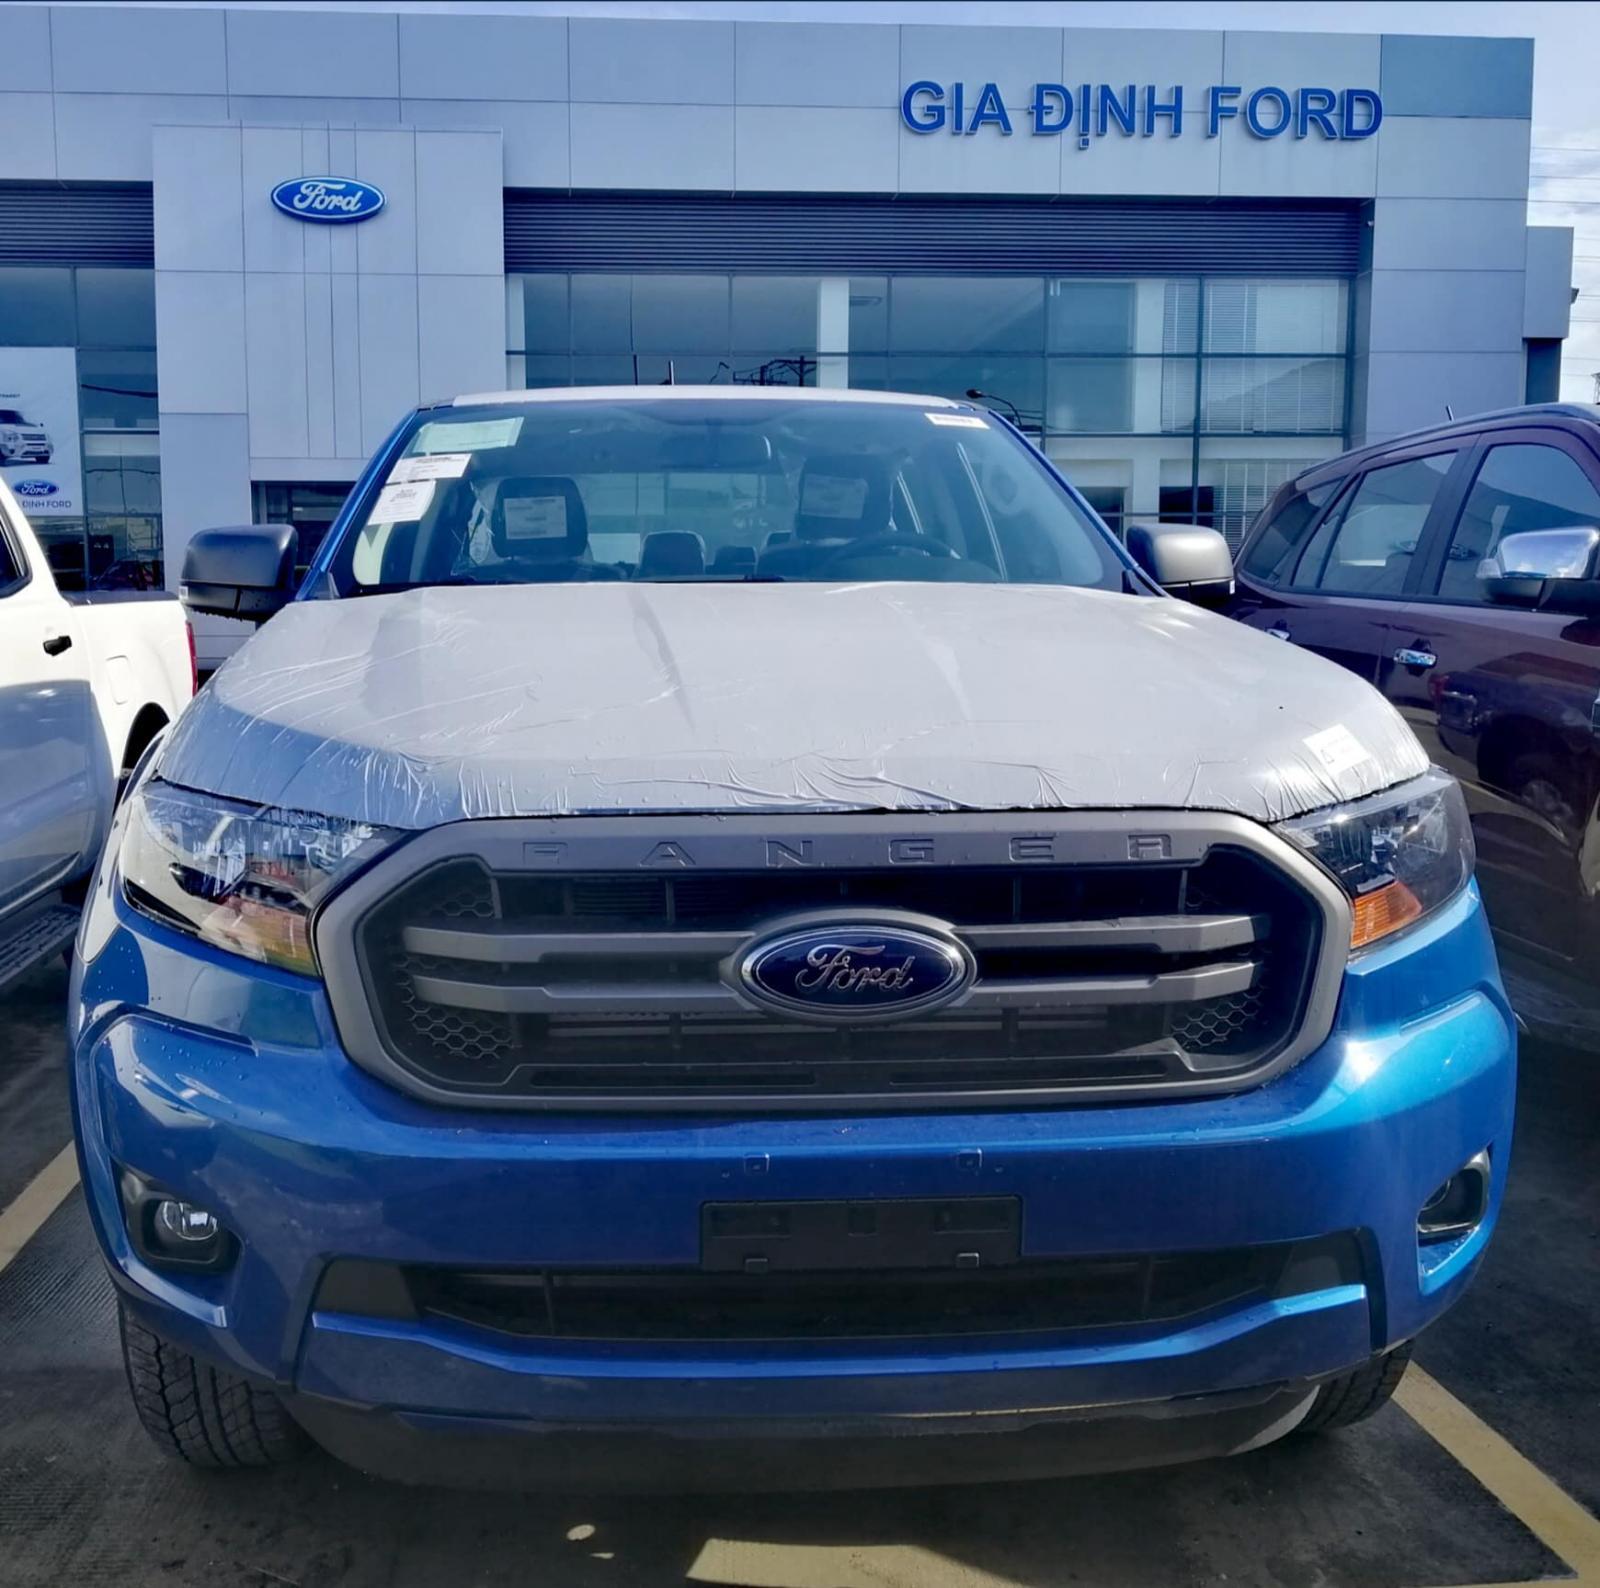 Bán xe Ford Ranger XLS năm 2020, màu xanh lam, nhập khẩu